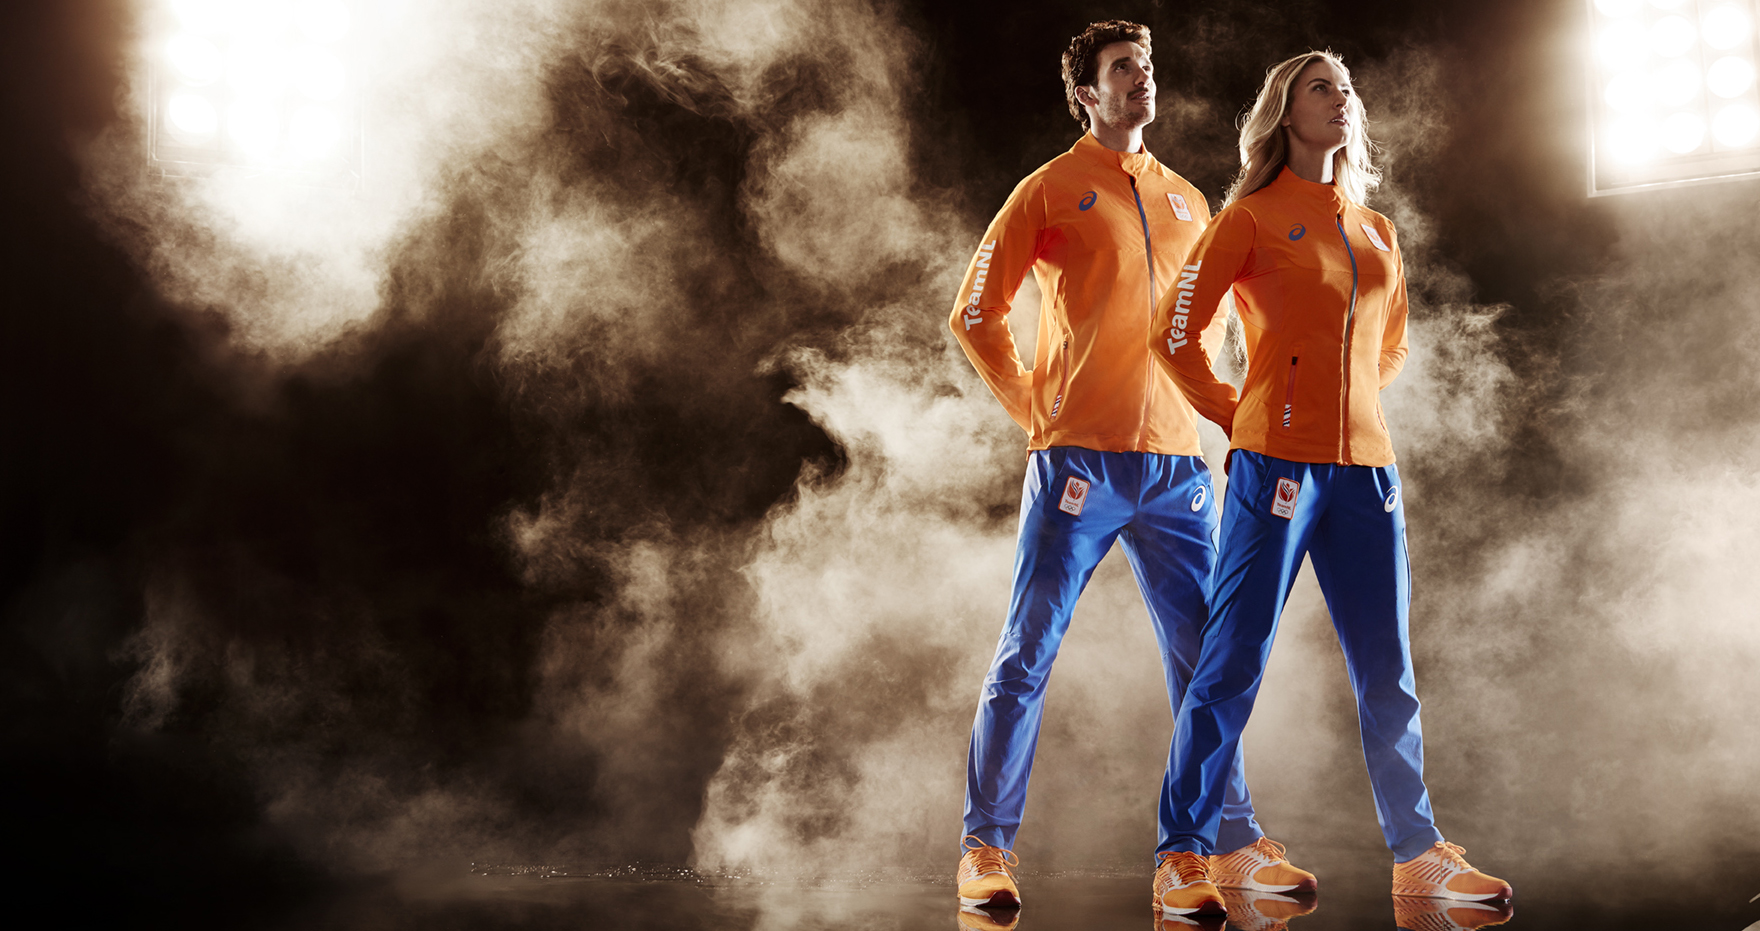 Olympische vracht vertrokken naar Rio - Echt oranje